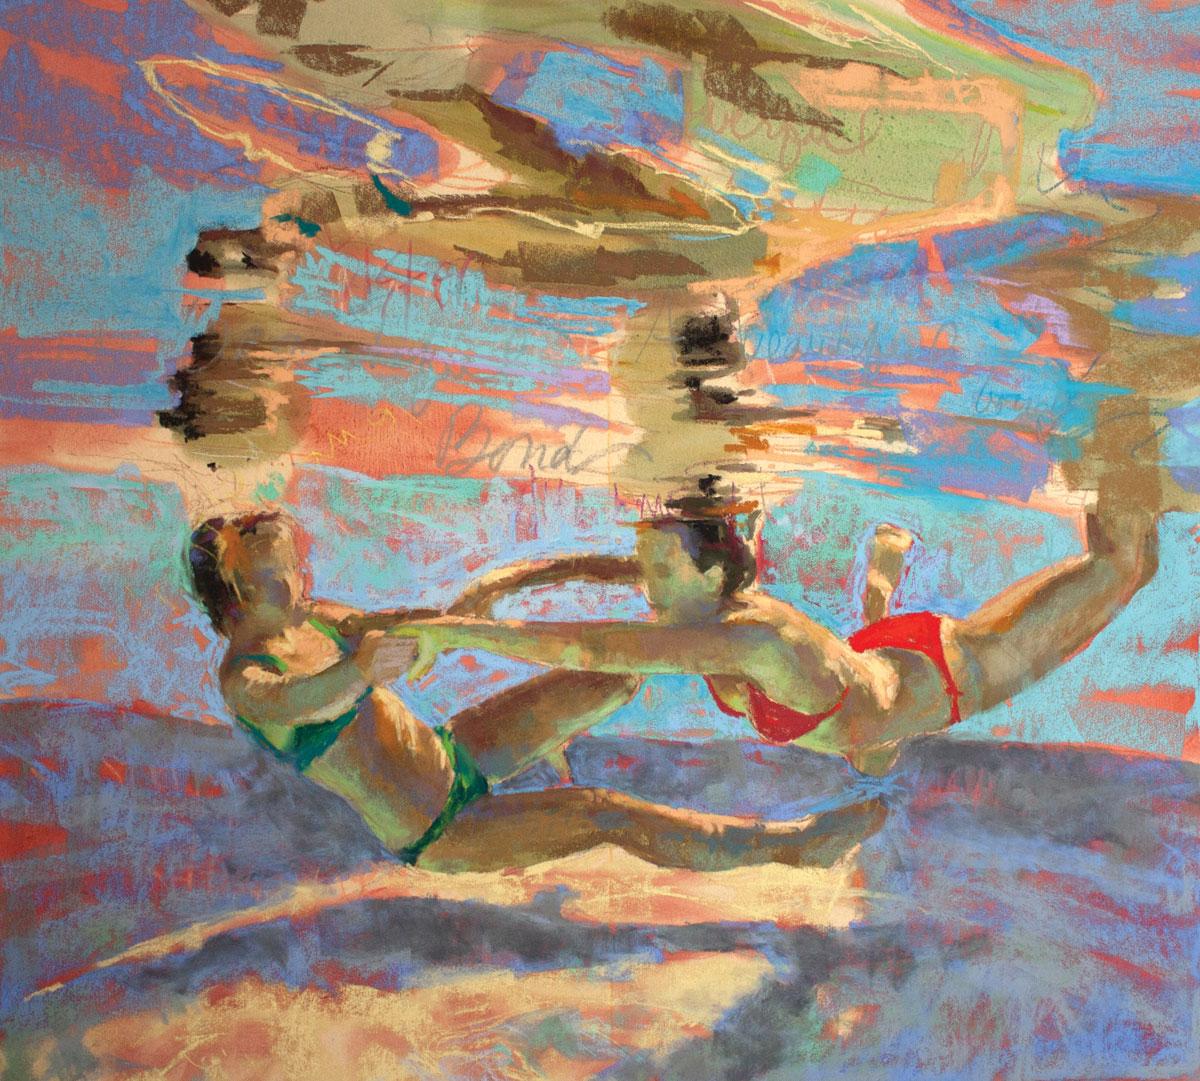 Poirier-Mozzone-underwater-scenes-Alliance-Step4-ArtistsNetwork